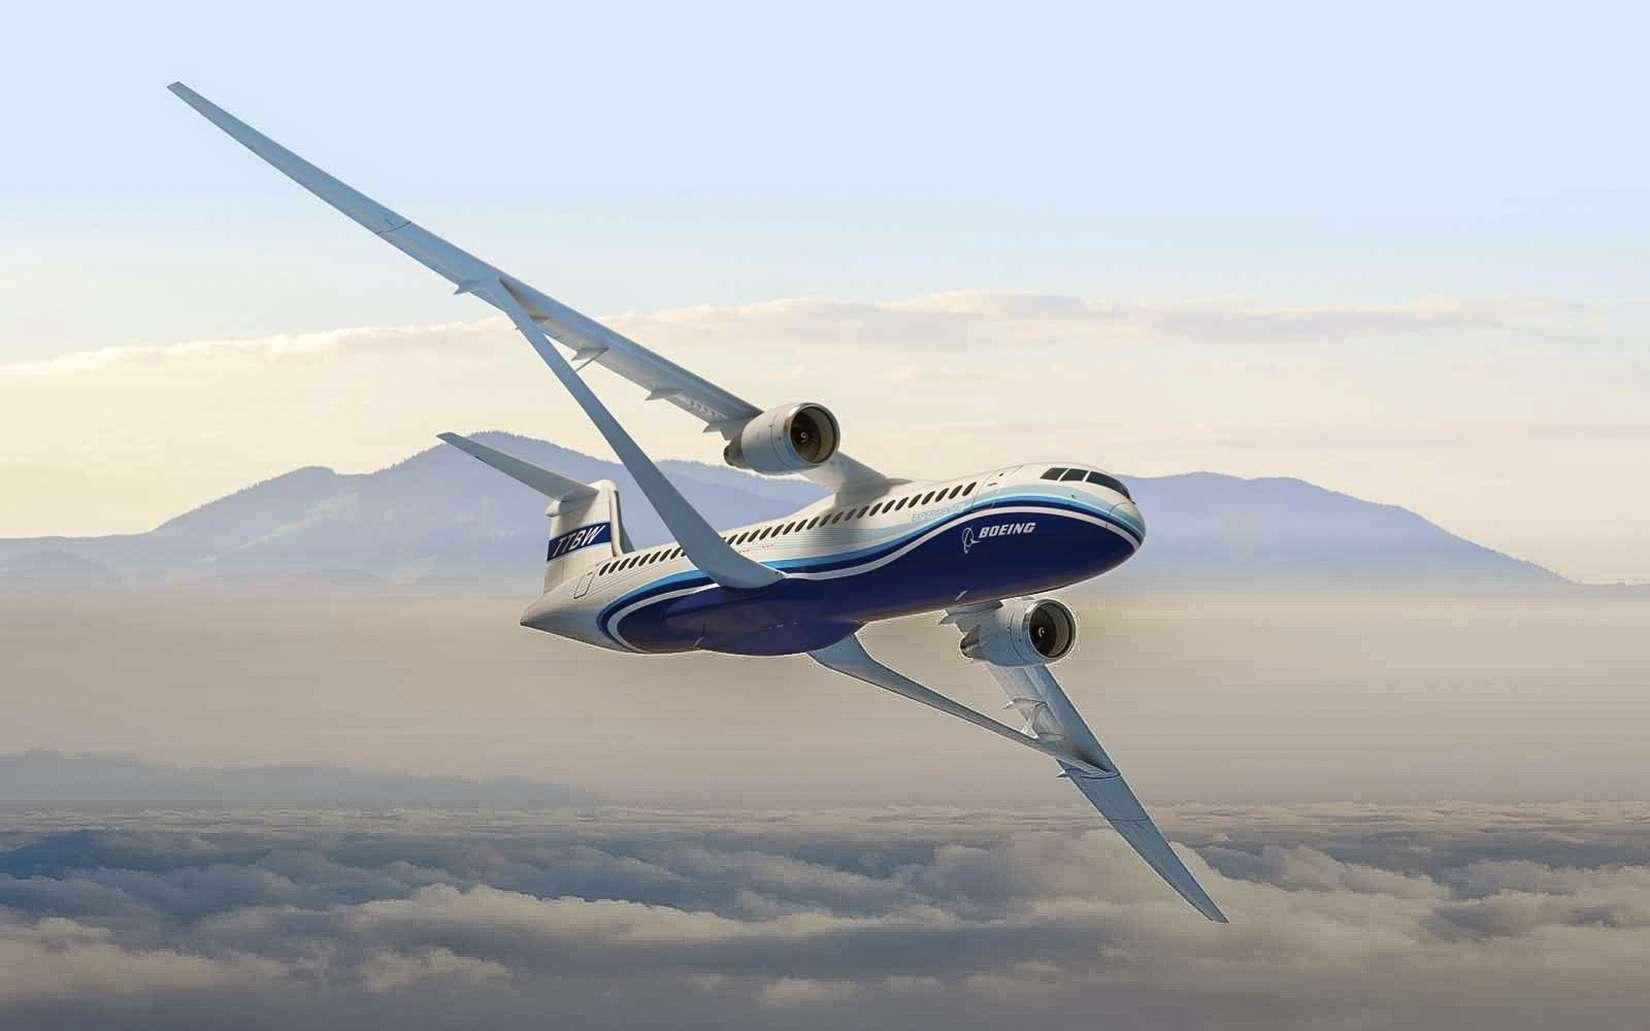 L'aile TTBW de Boeing fait partie d'un programme ambitieux mené par l'avionneur et la Nasa. Son objectif est de réduire la consommation d'énergie ainsi le bruit aérodynamique au minimum. © Boeing